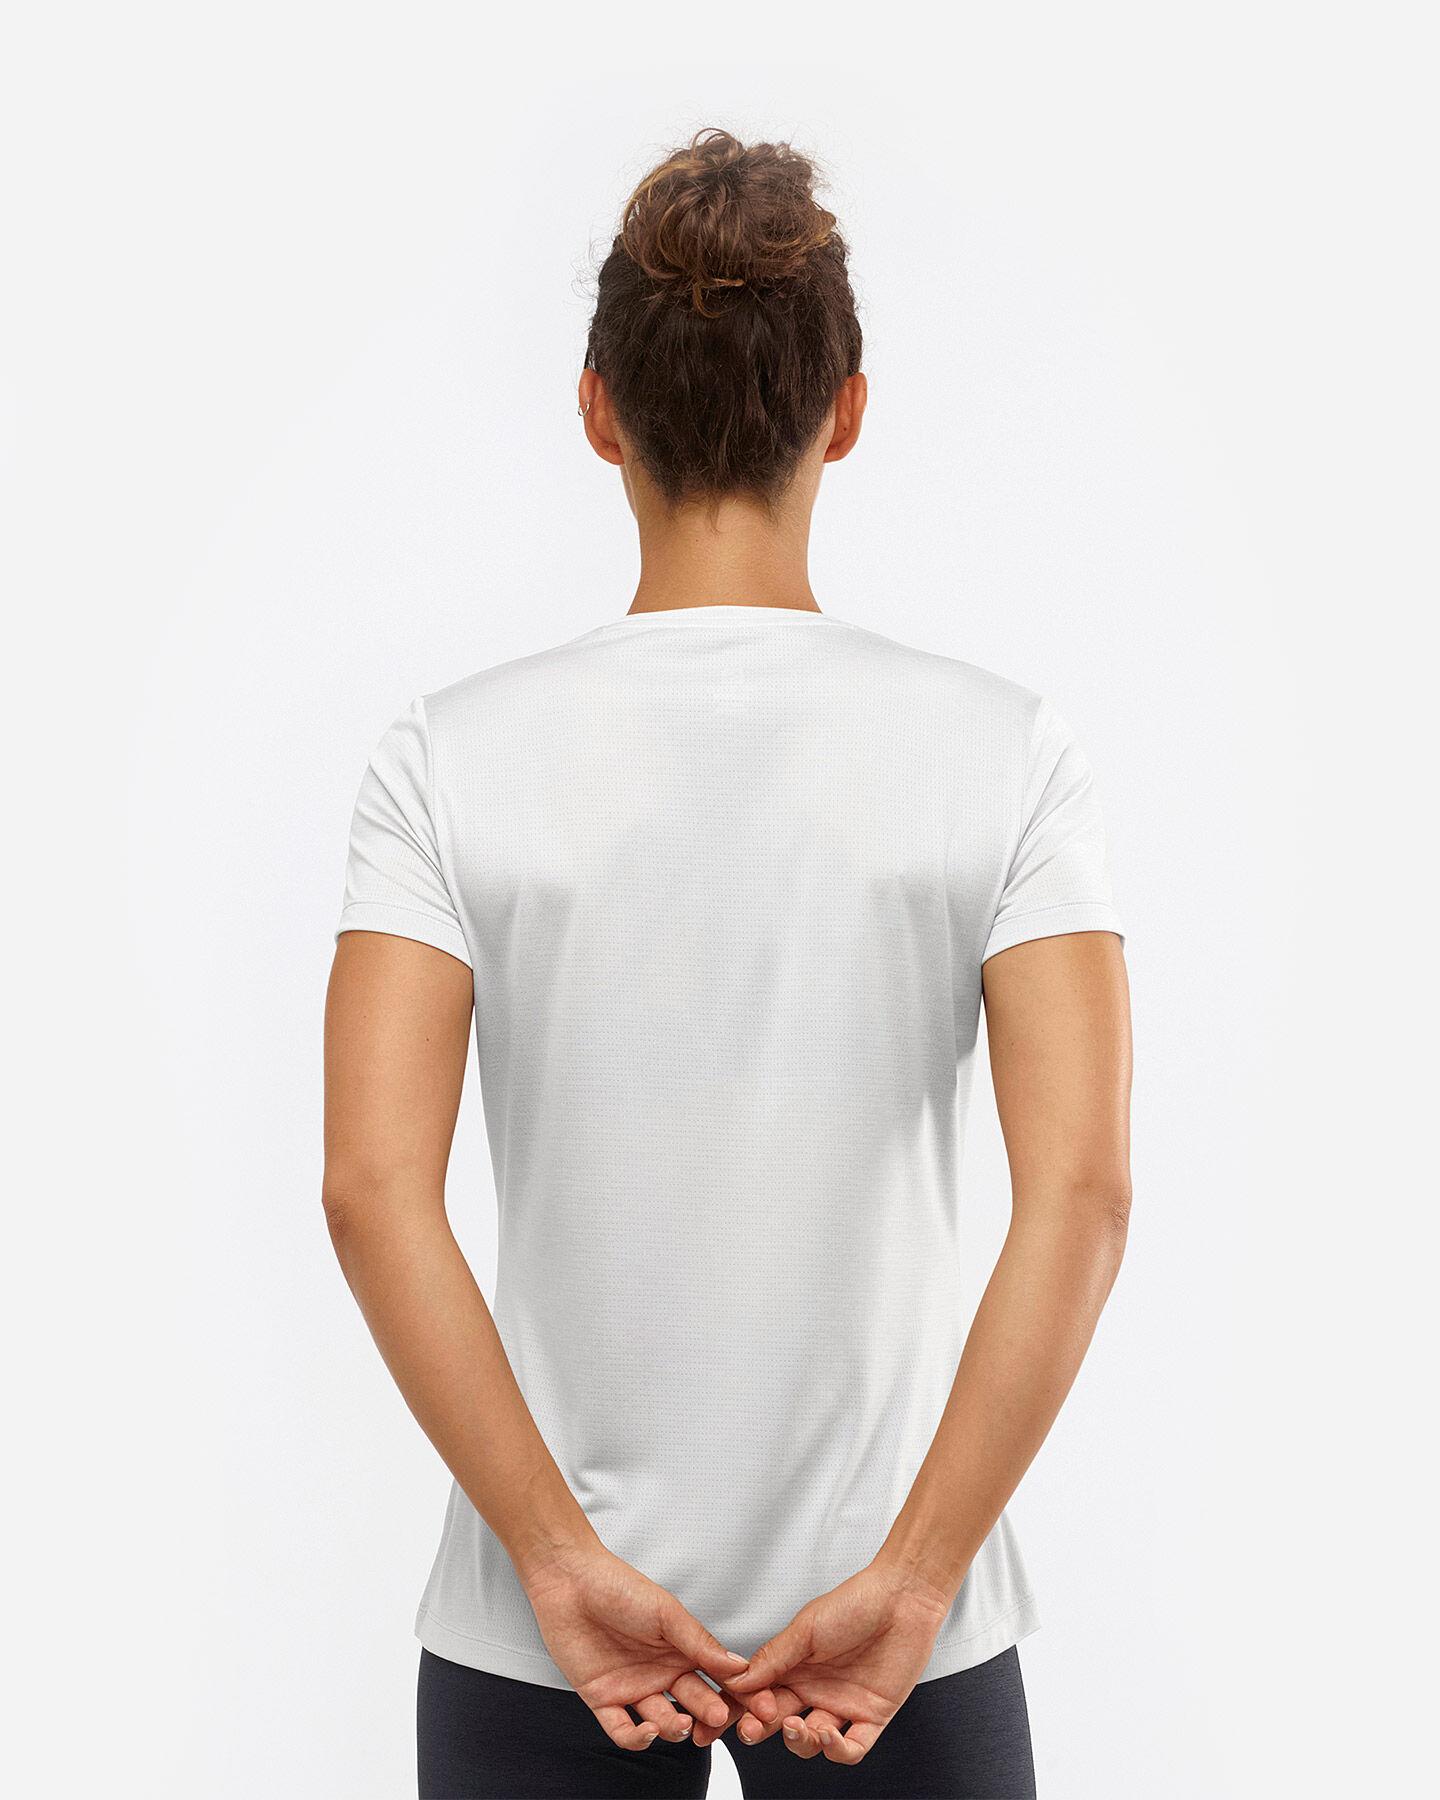 T-Shirt SALOMON AGILE W S5173859 scatto 3